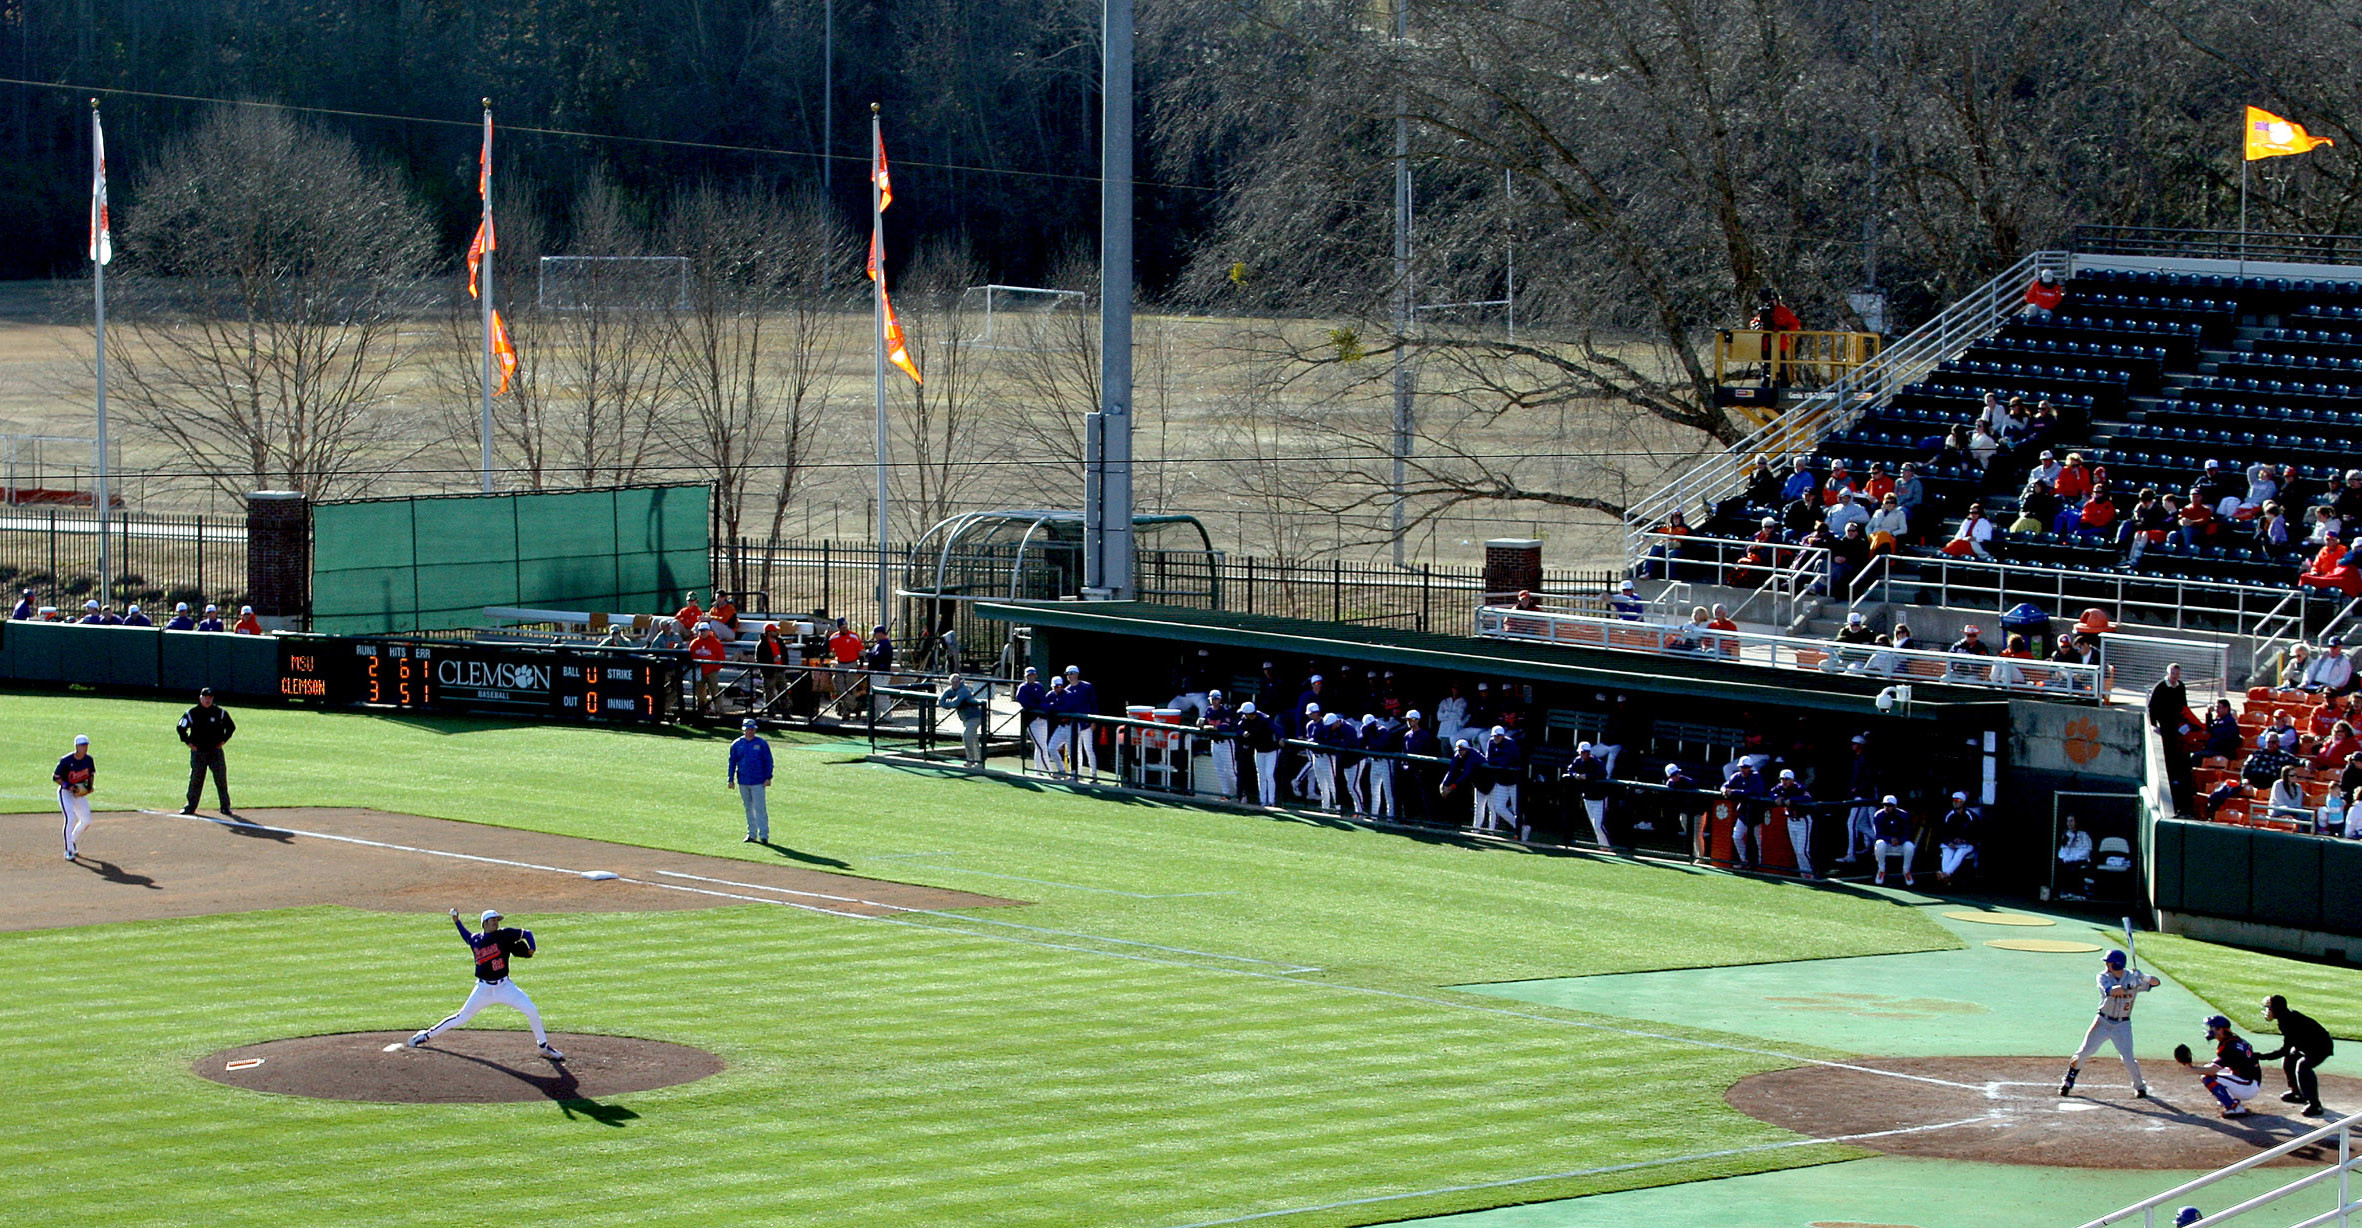 Clemson vs. Duke Baseball Game Friday Changed to 4:00 PM Start